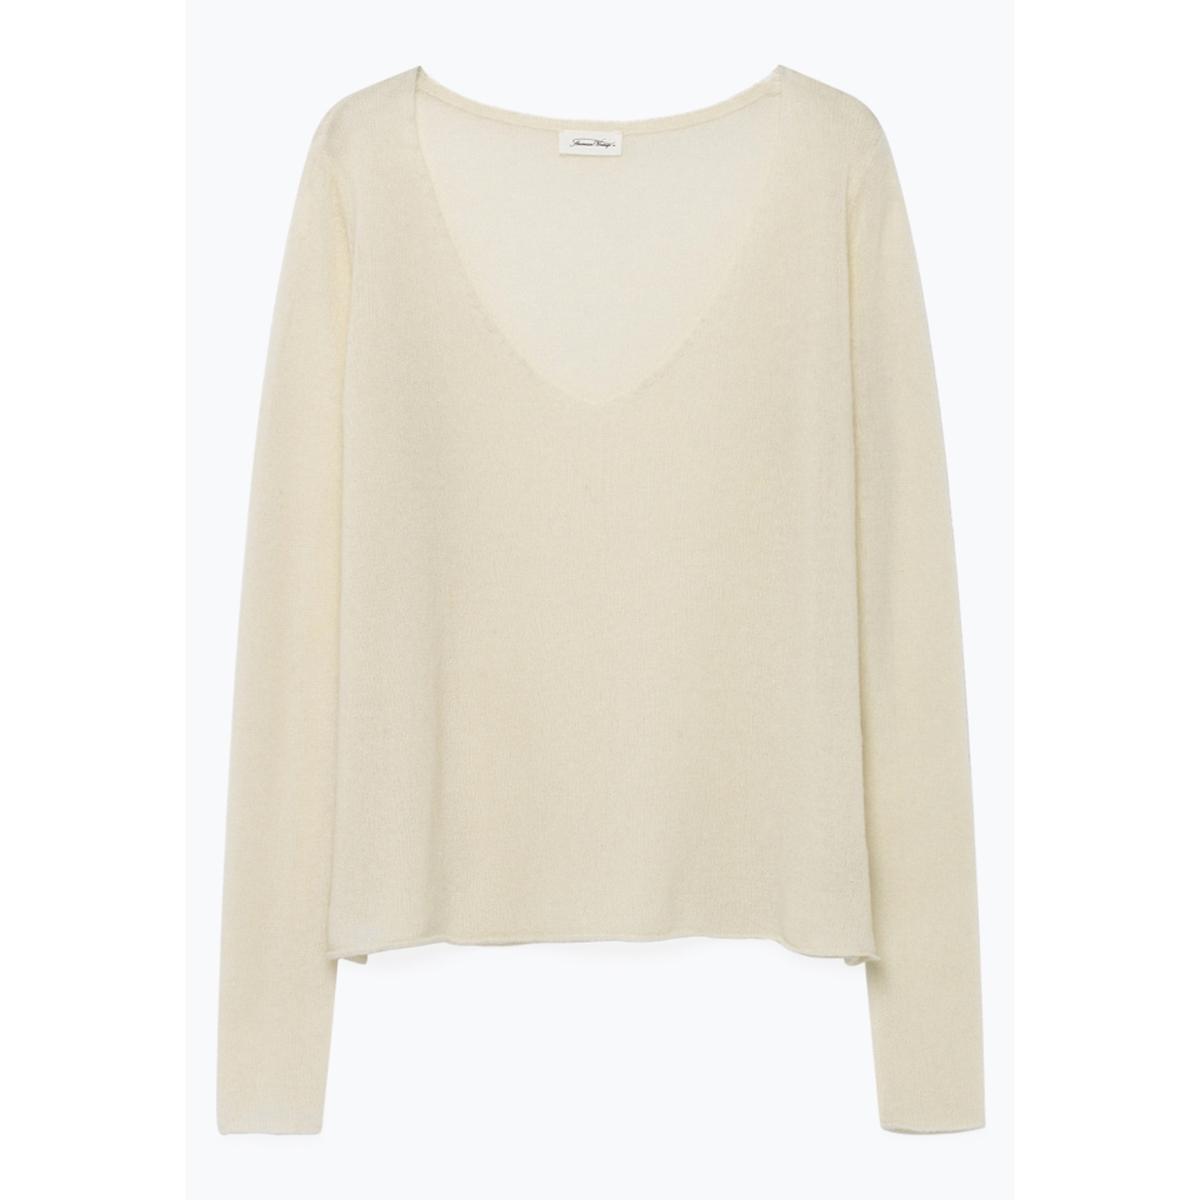 Пуловер La Redoute С v-образным вырезом из тонкого трикотажа NANIBEACH S бежевый пуловер la redoute с v образным вырезом из тонкого трикотажа s черный